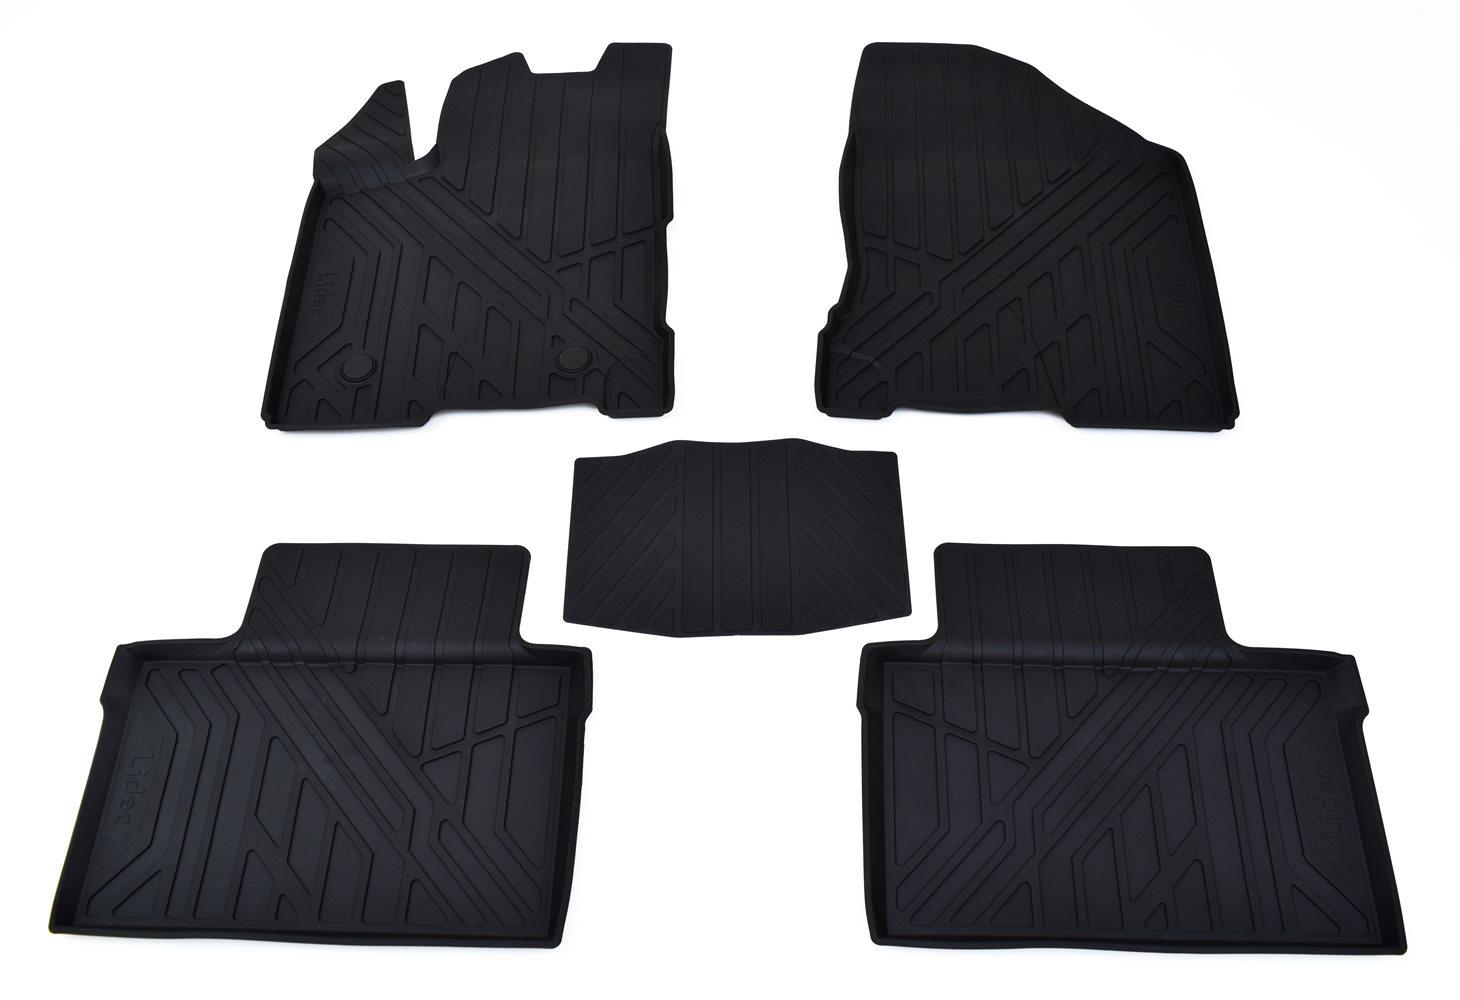 Коврики в салон автомобиля Avtodriver литьевые для Kia Sportage (Ql) (2015), Np11-Ldc-43-525, черный gm ldc 300o